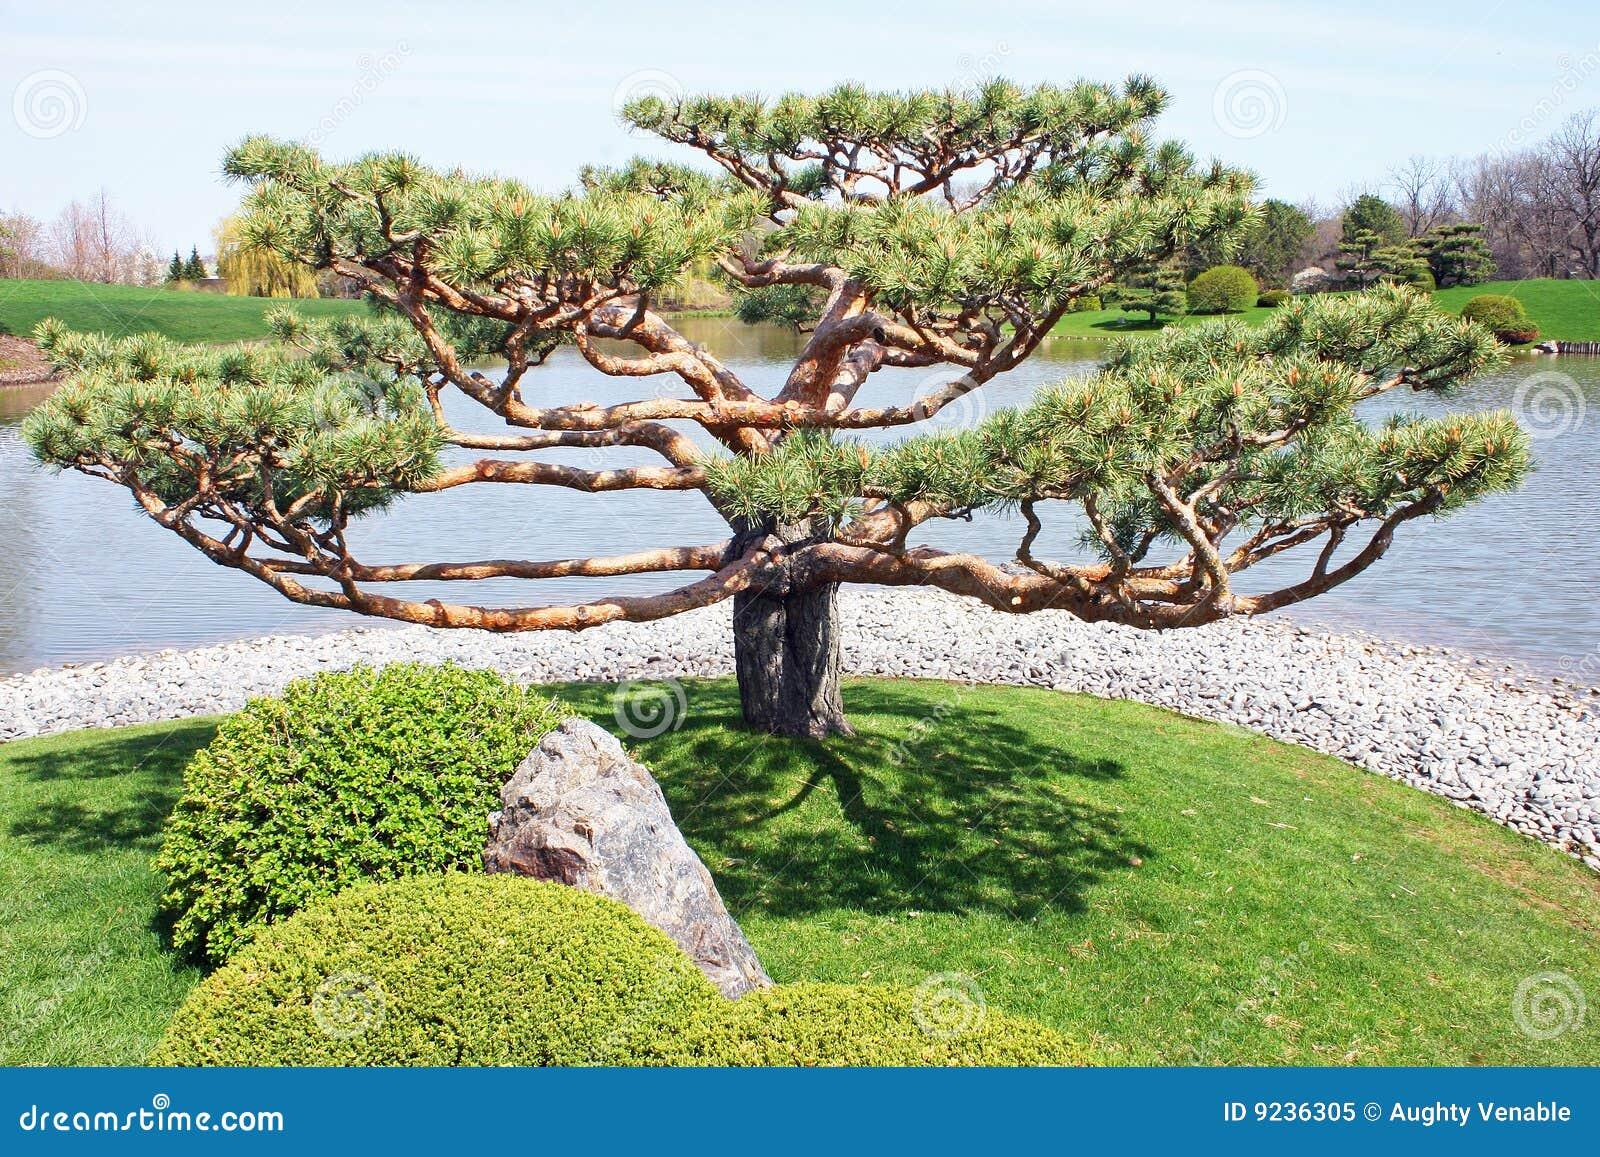 Arbre Japonais Photo libre de droits - Image: 9236305